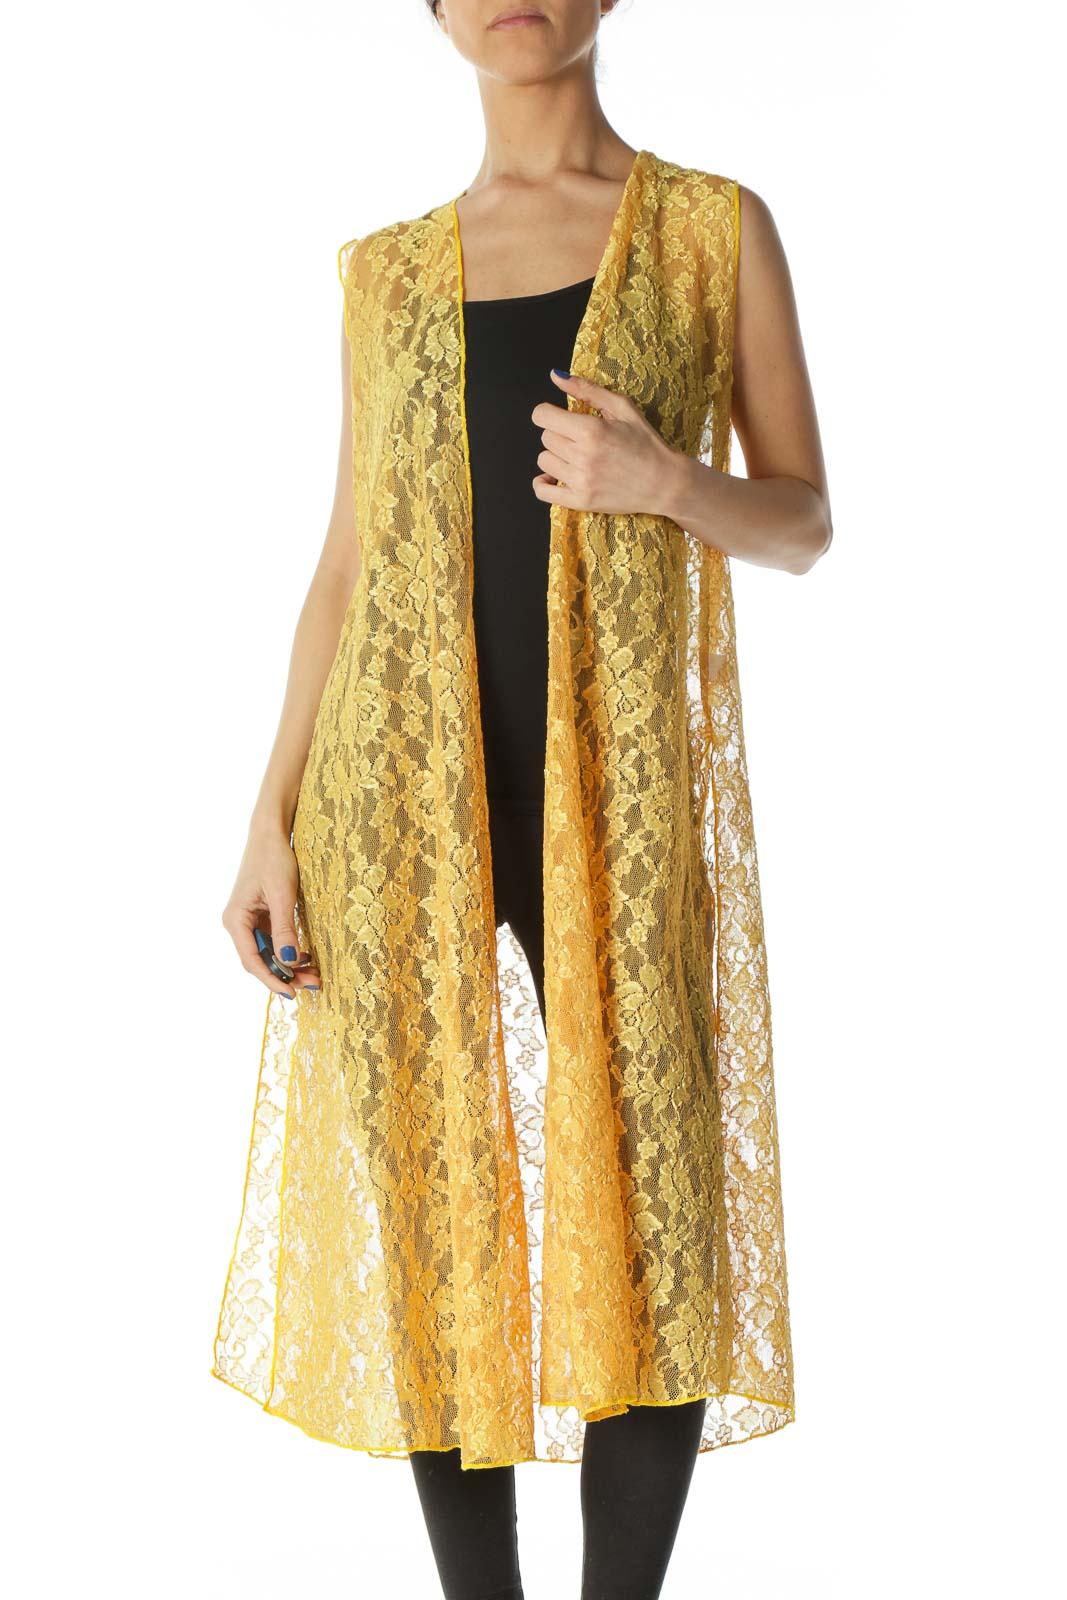 Yellow Lace Body Long Sleeveless Cardigan